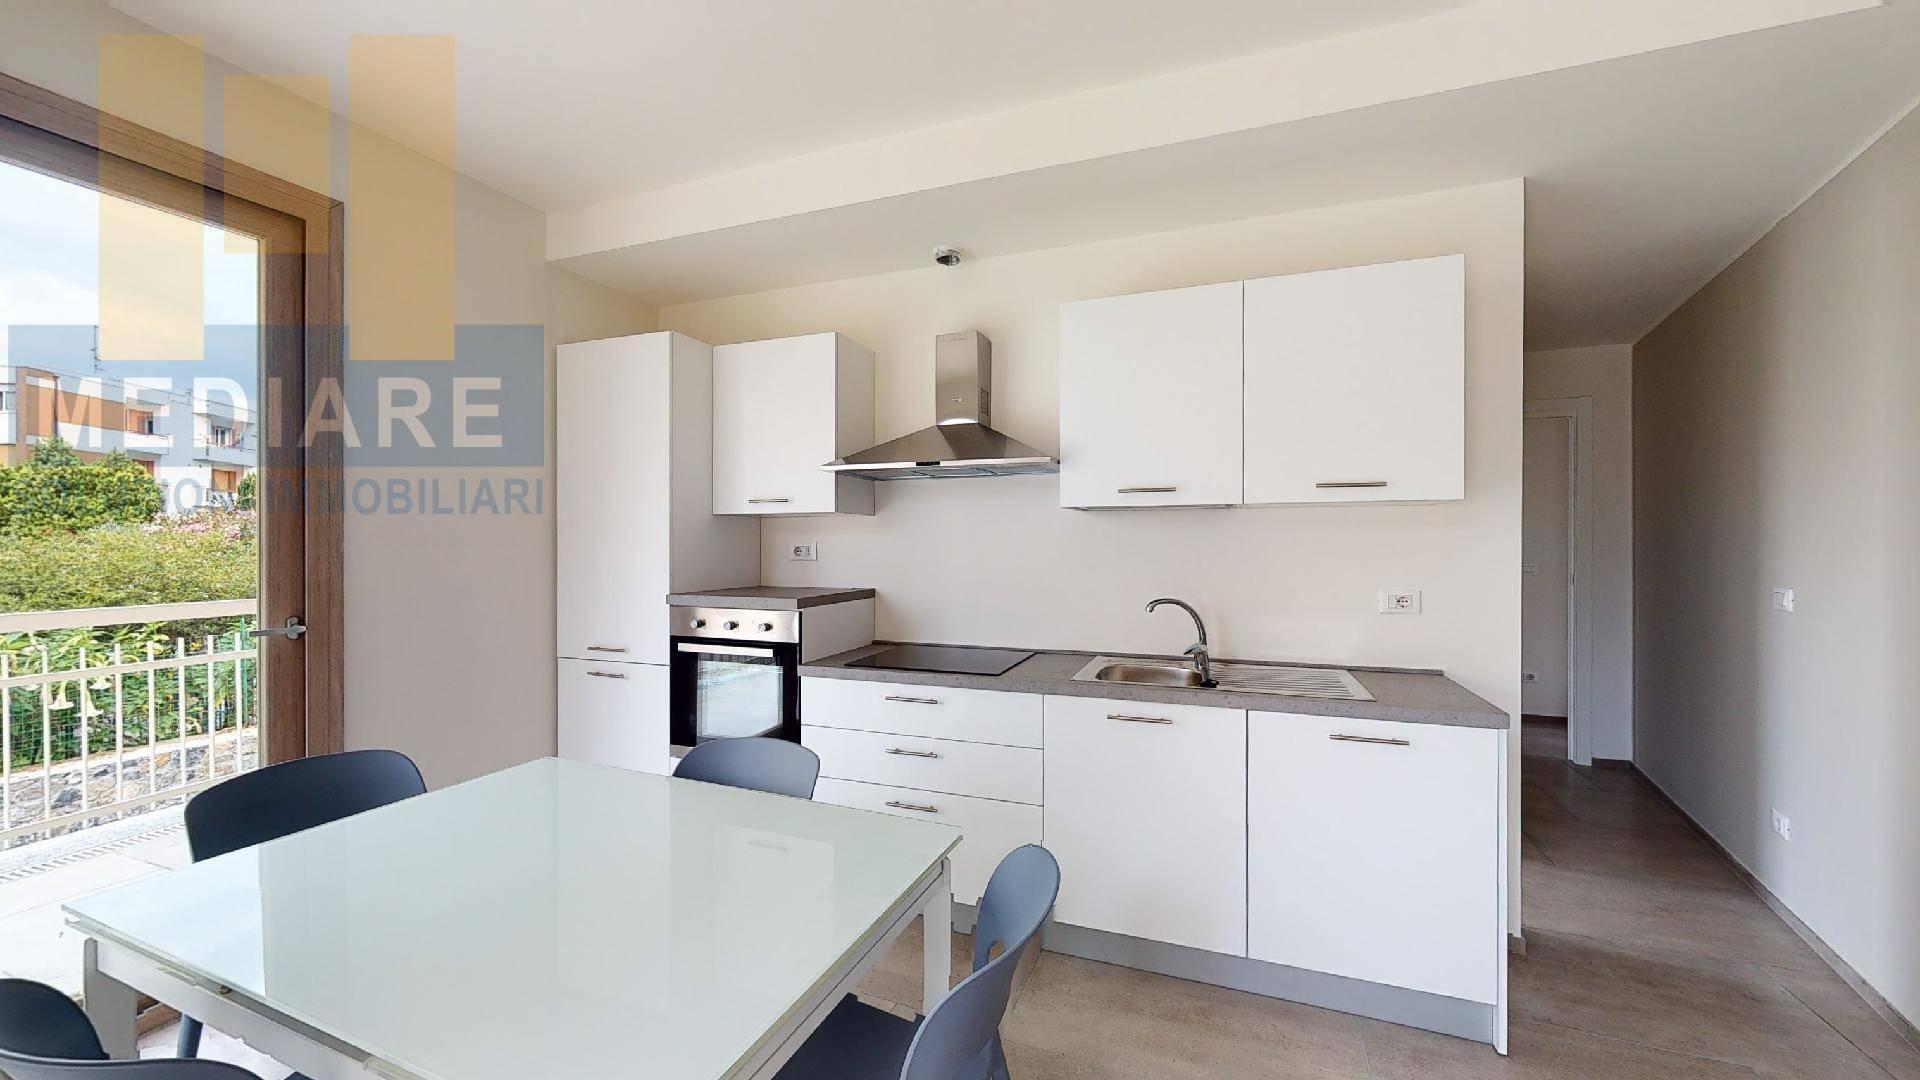 Appartamento in vendita a Borgio Verezzi, 3 locali, prezzo € 369.000   CambioCasa.it